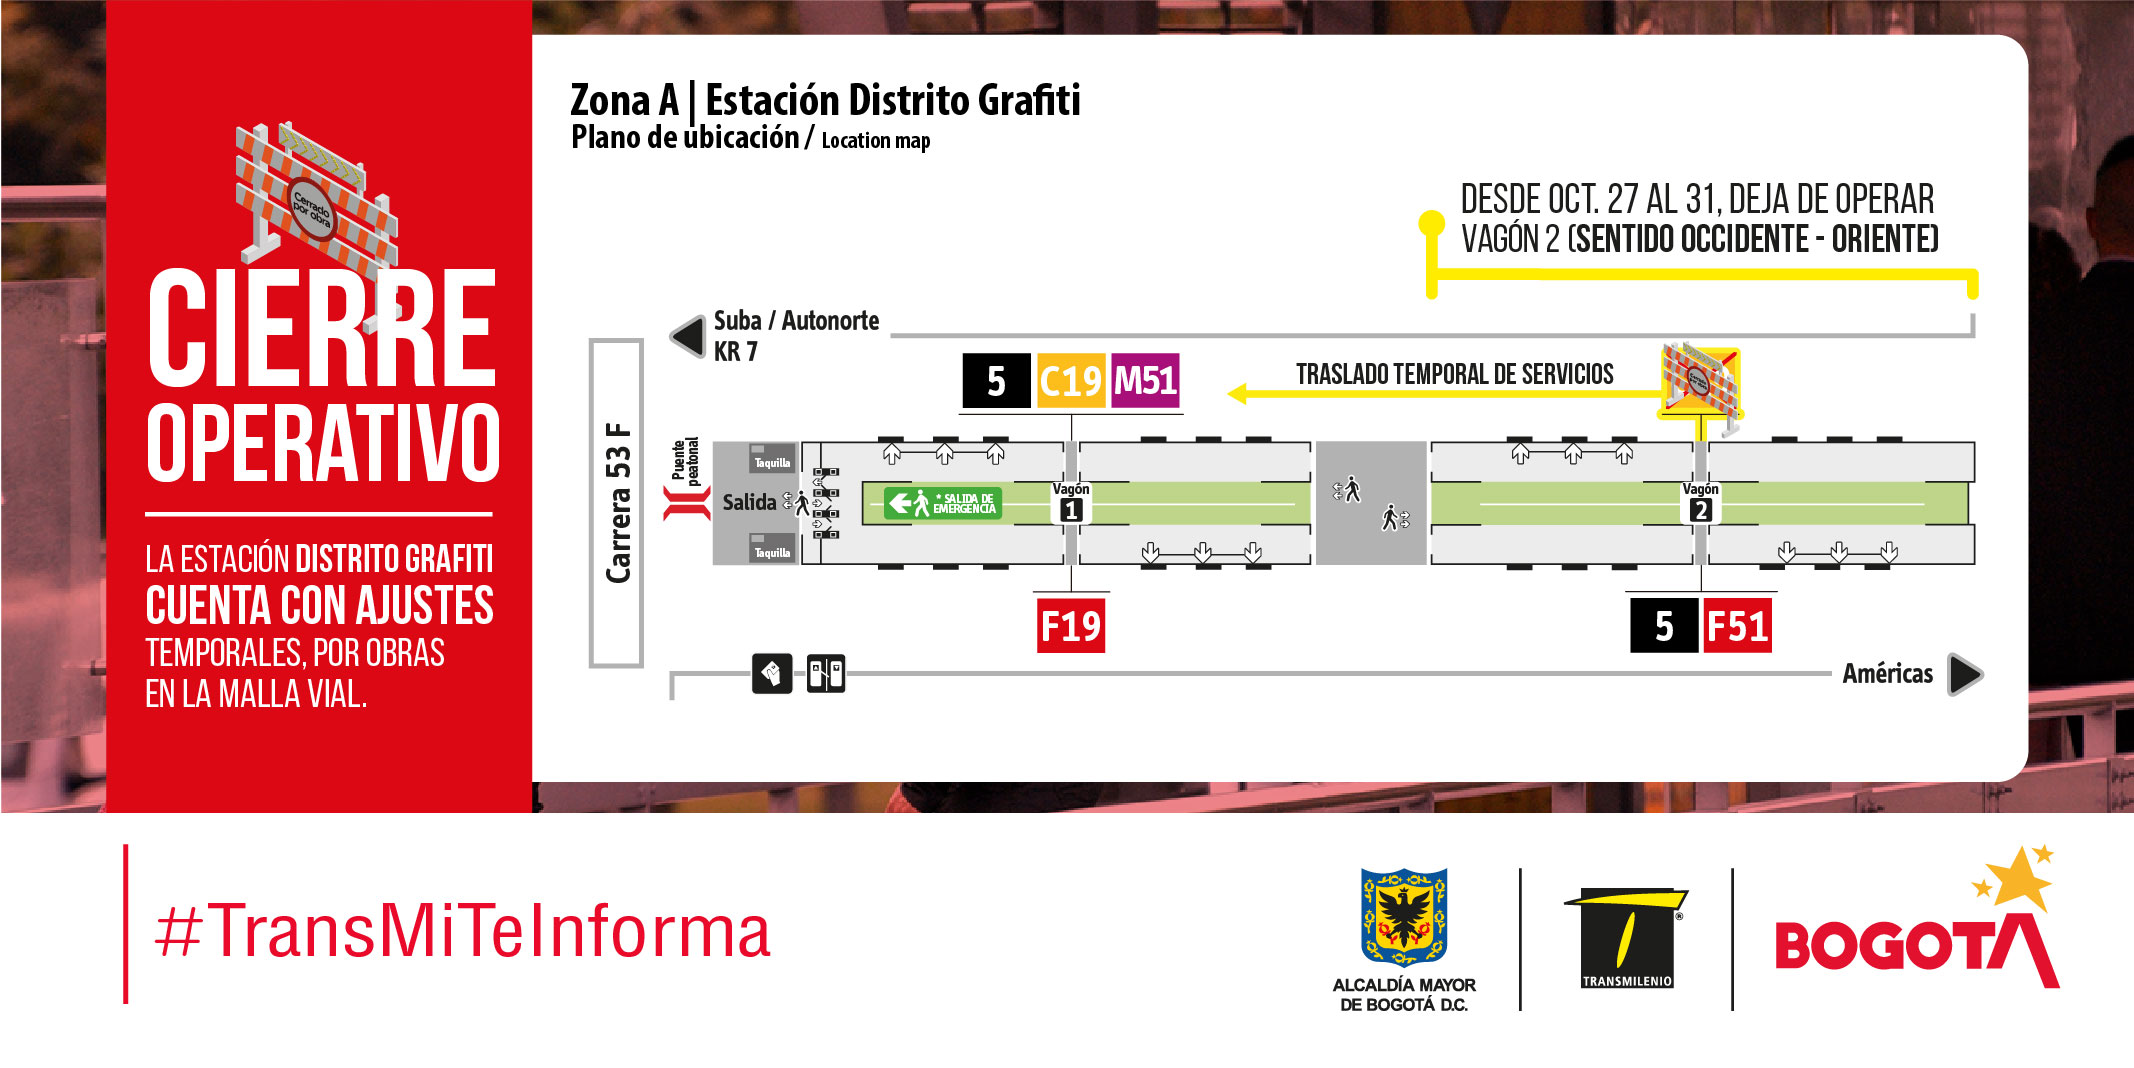 Plano de estación Distrito Grafiti, cierre temporal vagón 2 sentido occidente – oriente